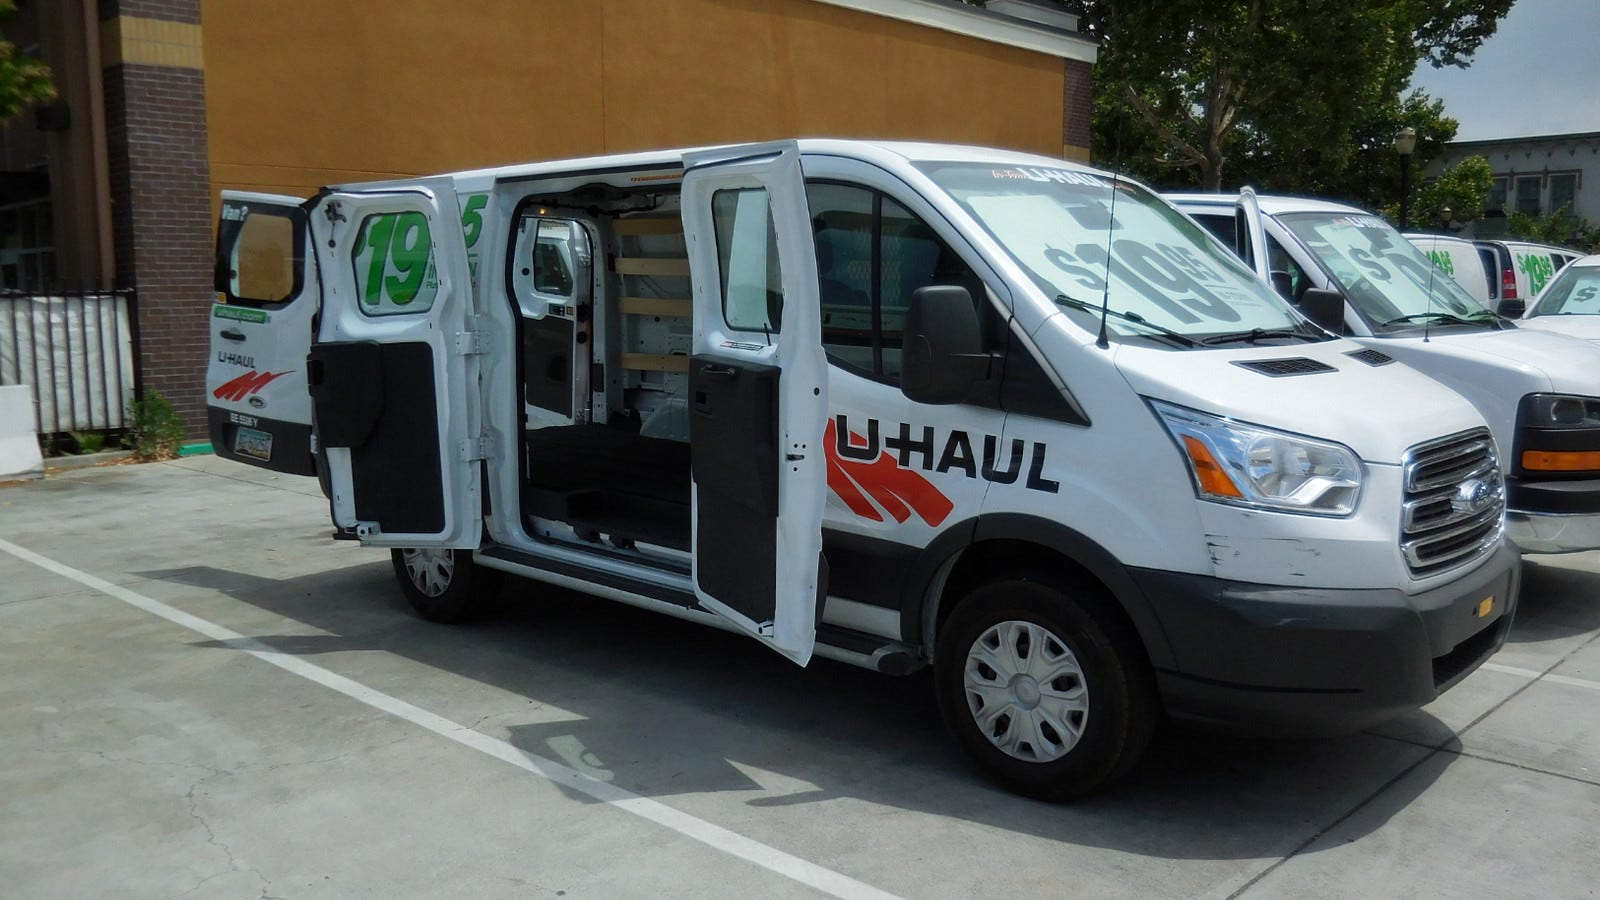 A U-Haul moving van.